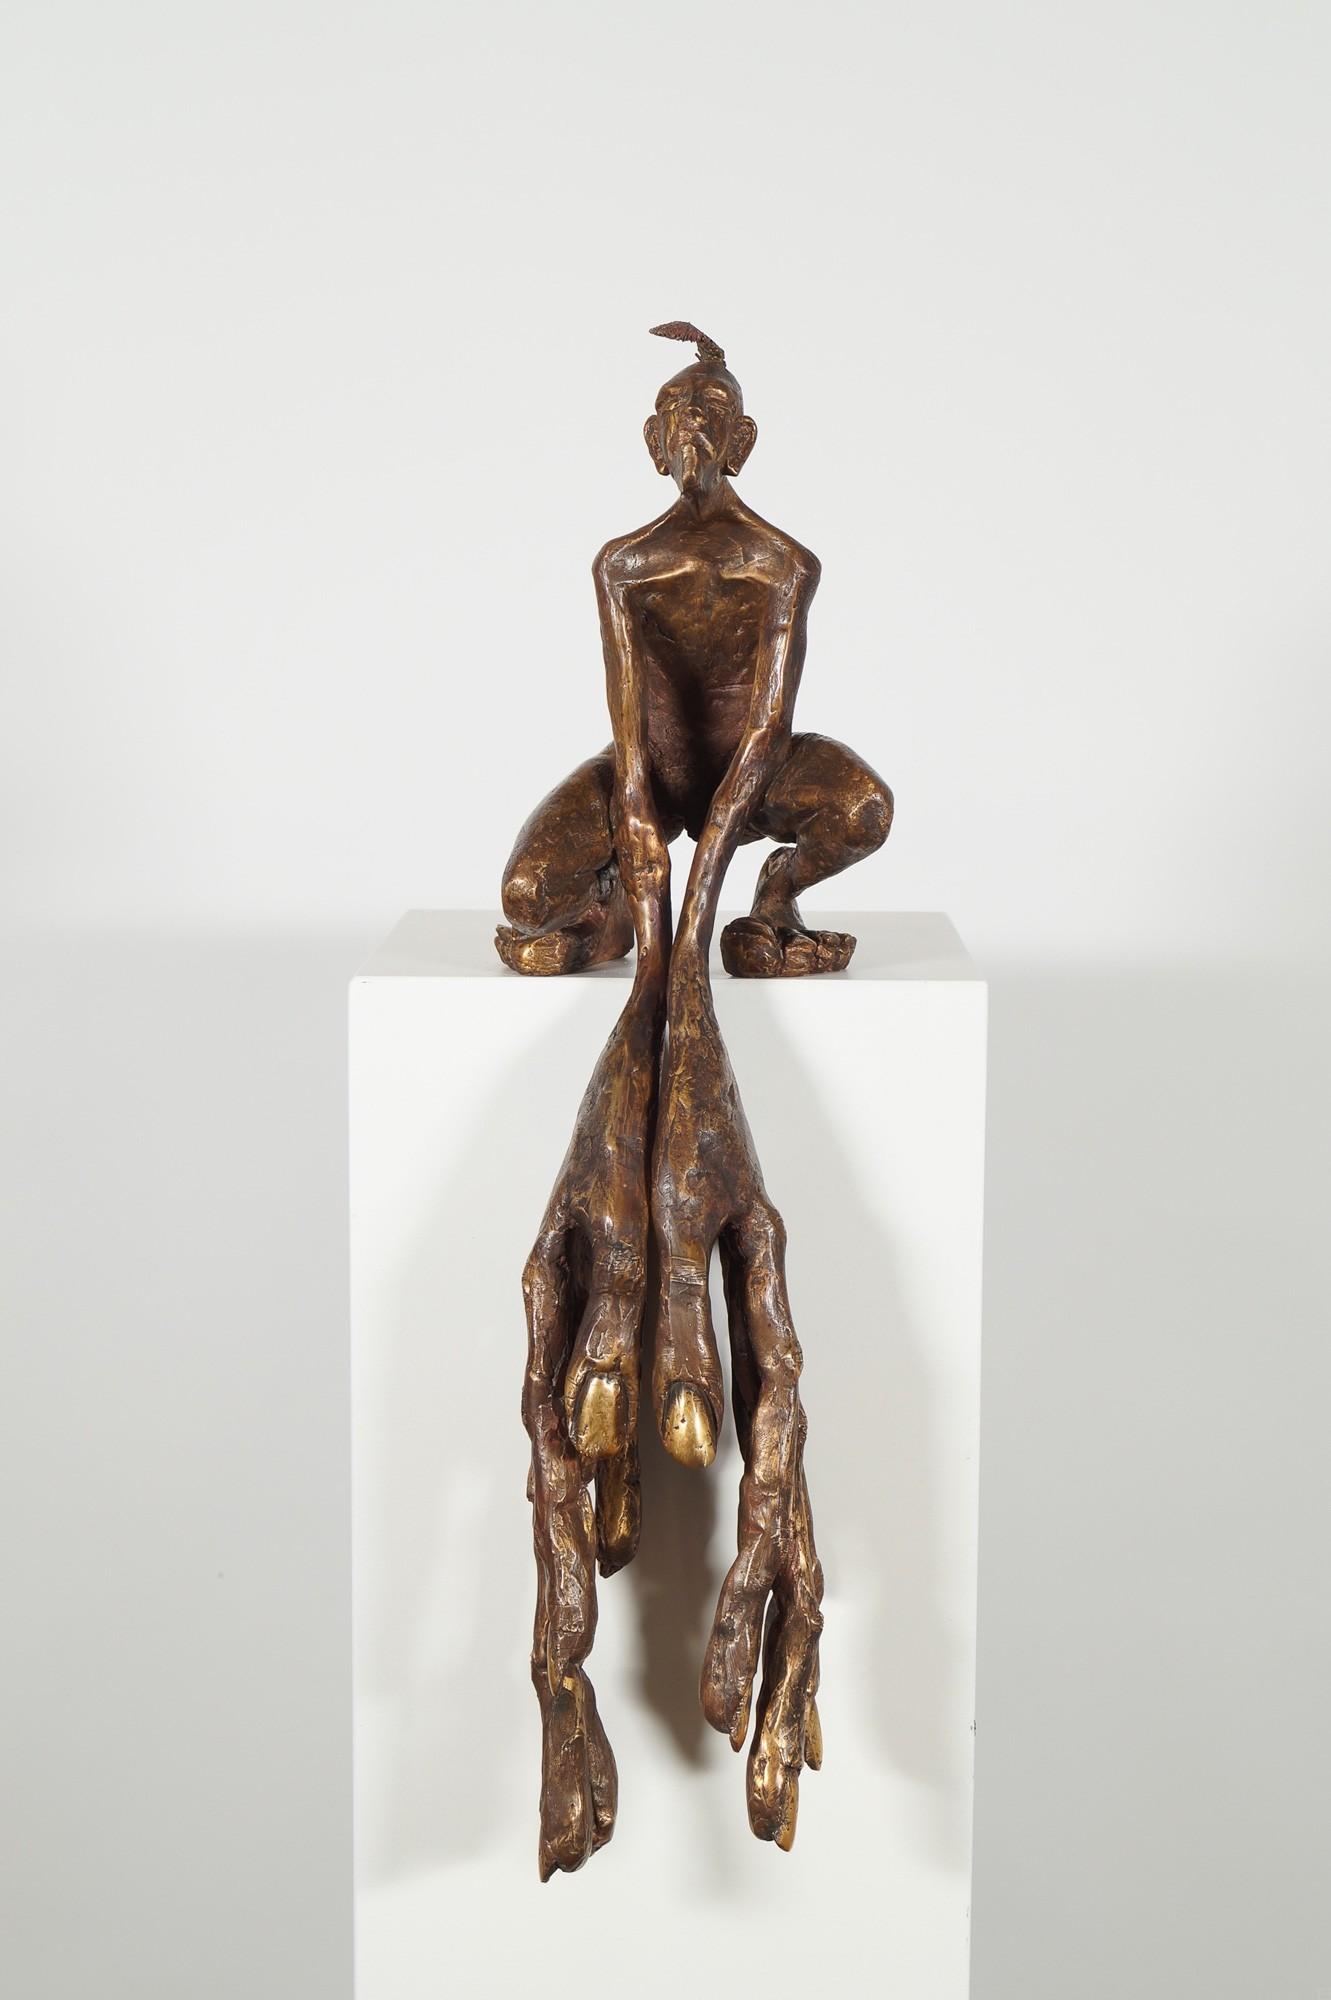 Der Kantenhocker - Bronze Plastik, Skulptur von Tim David Trillsam, Edition